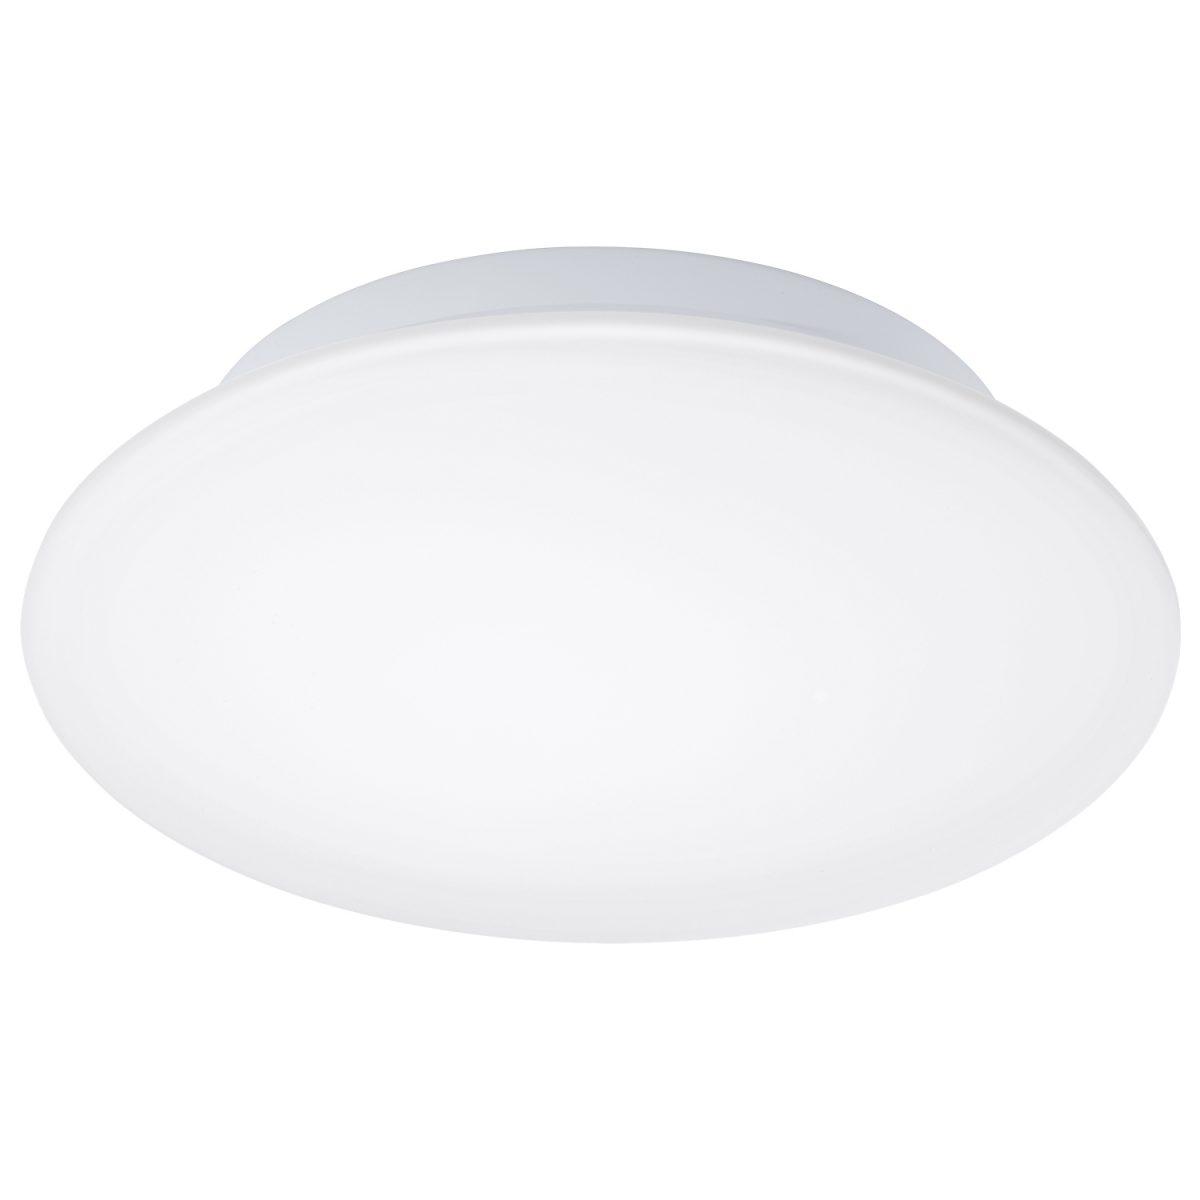 Світильник стельовий LED BARI 1 EGLO 94997 - Фото №28